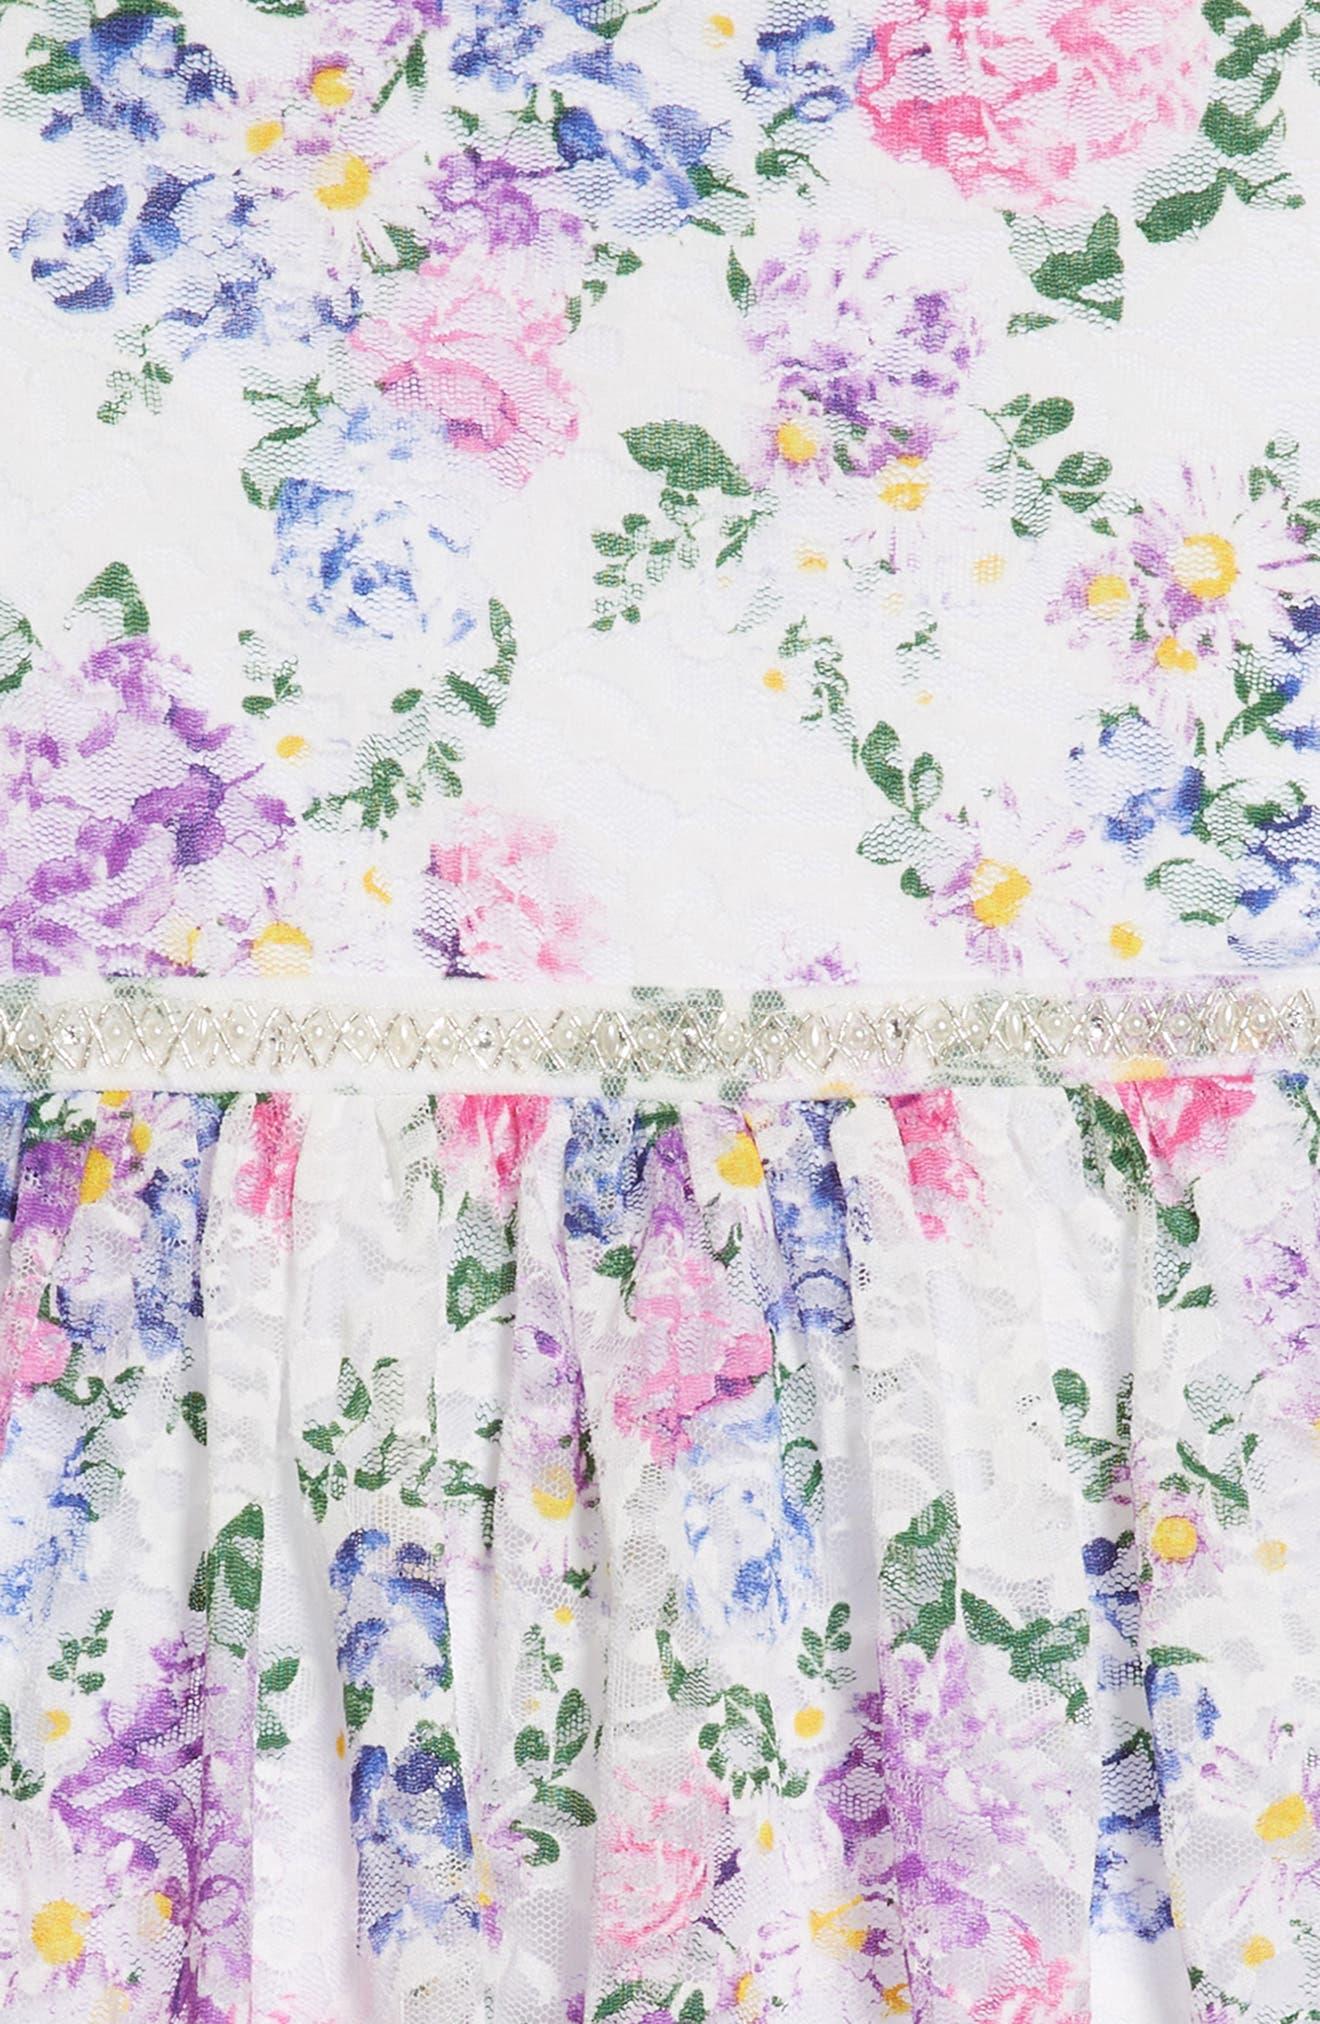 Floral Lace Dress,                             Alternate thumbnail 3, color,                             White/ Lavendar